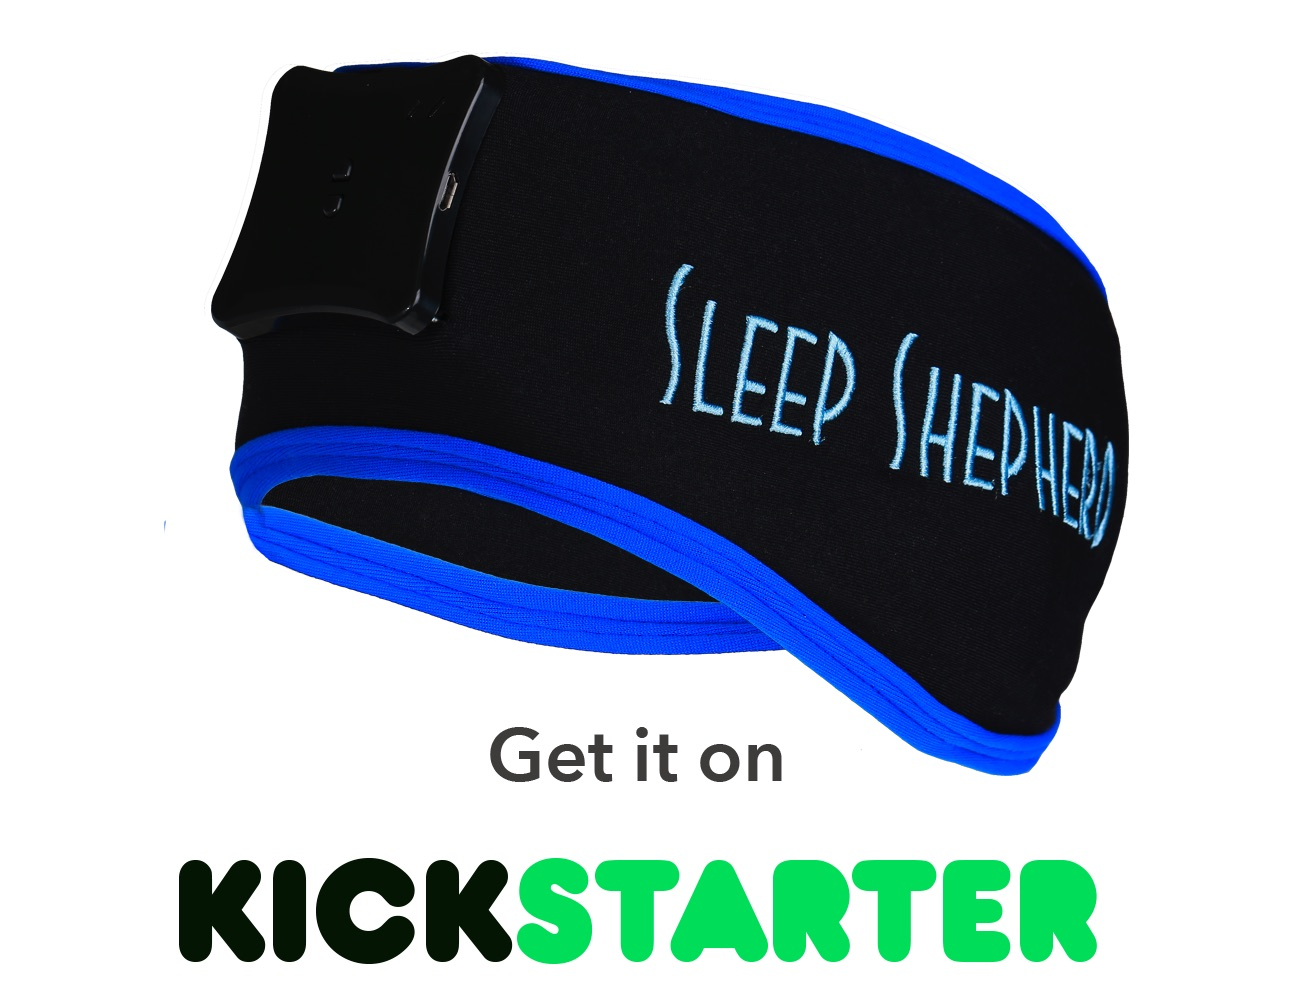 sleep-shepherd-blue-06